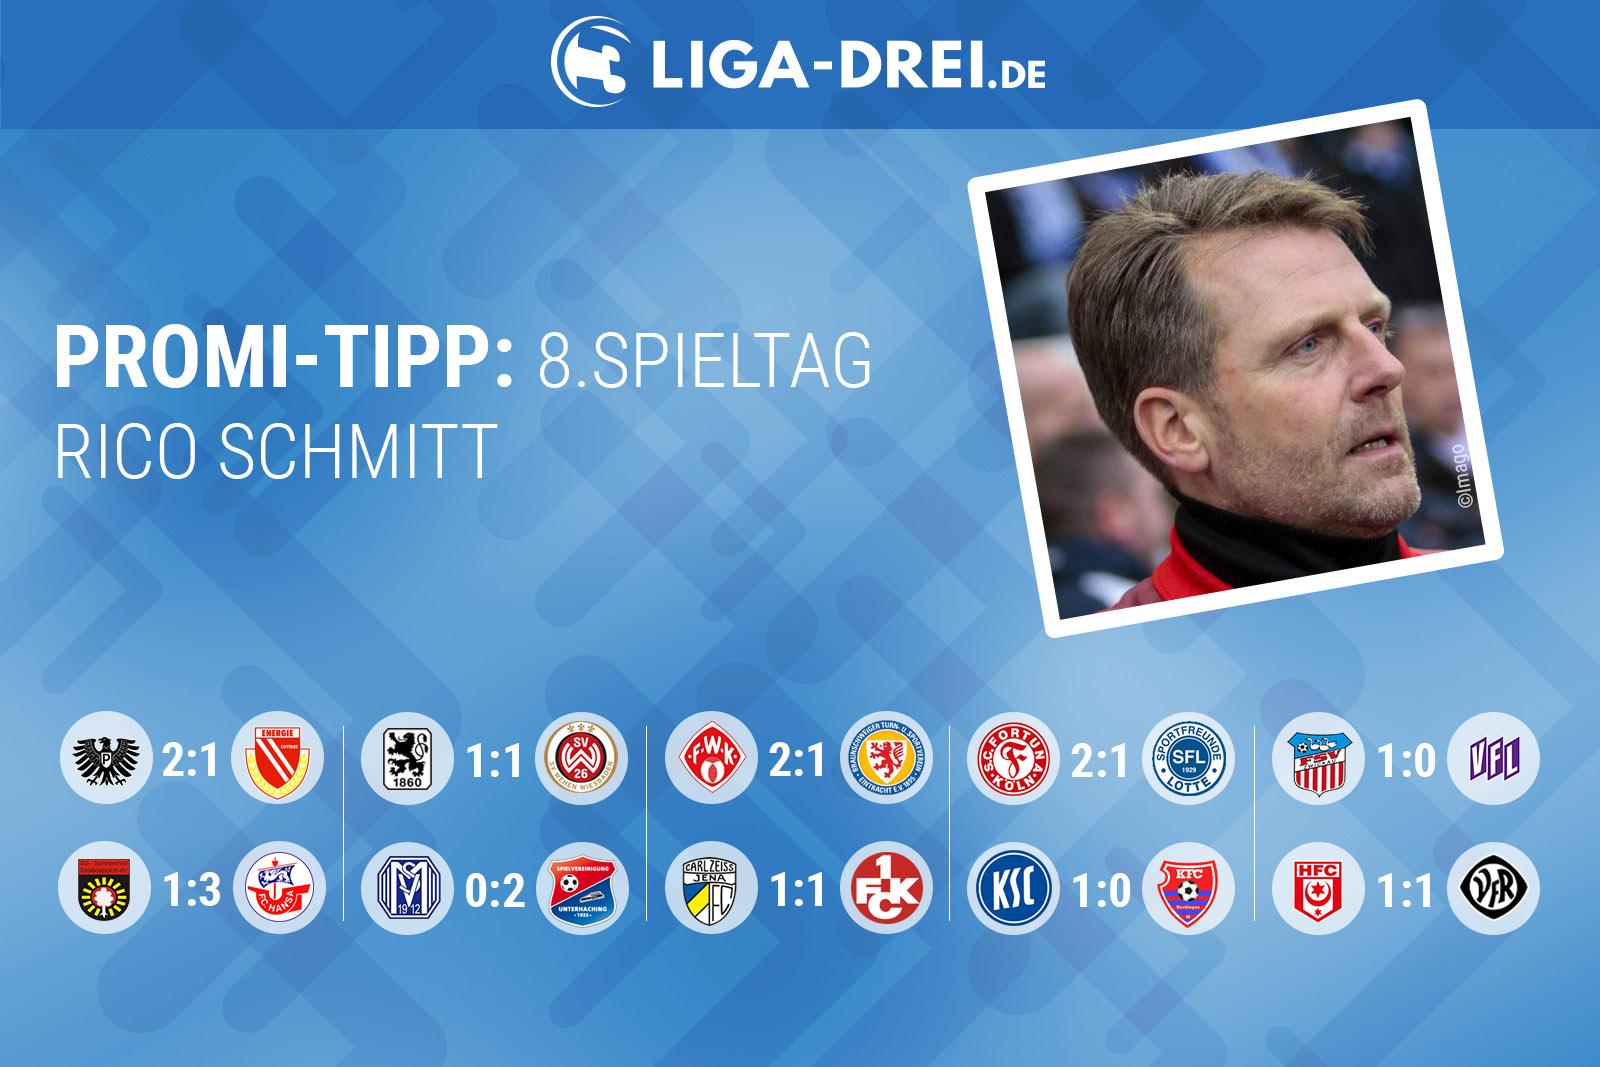 Rico Schmitt beim Promi-Tipp von Liga-Drei.de